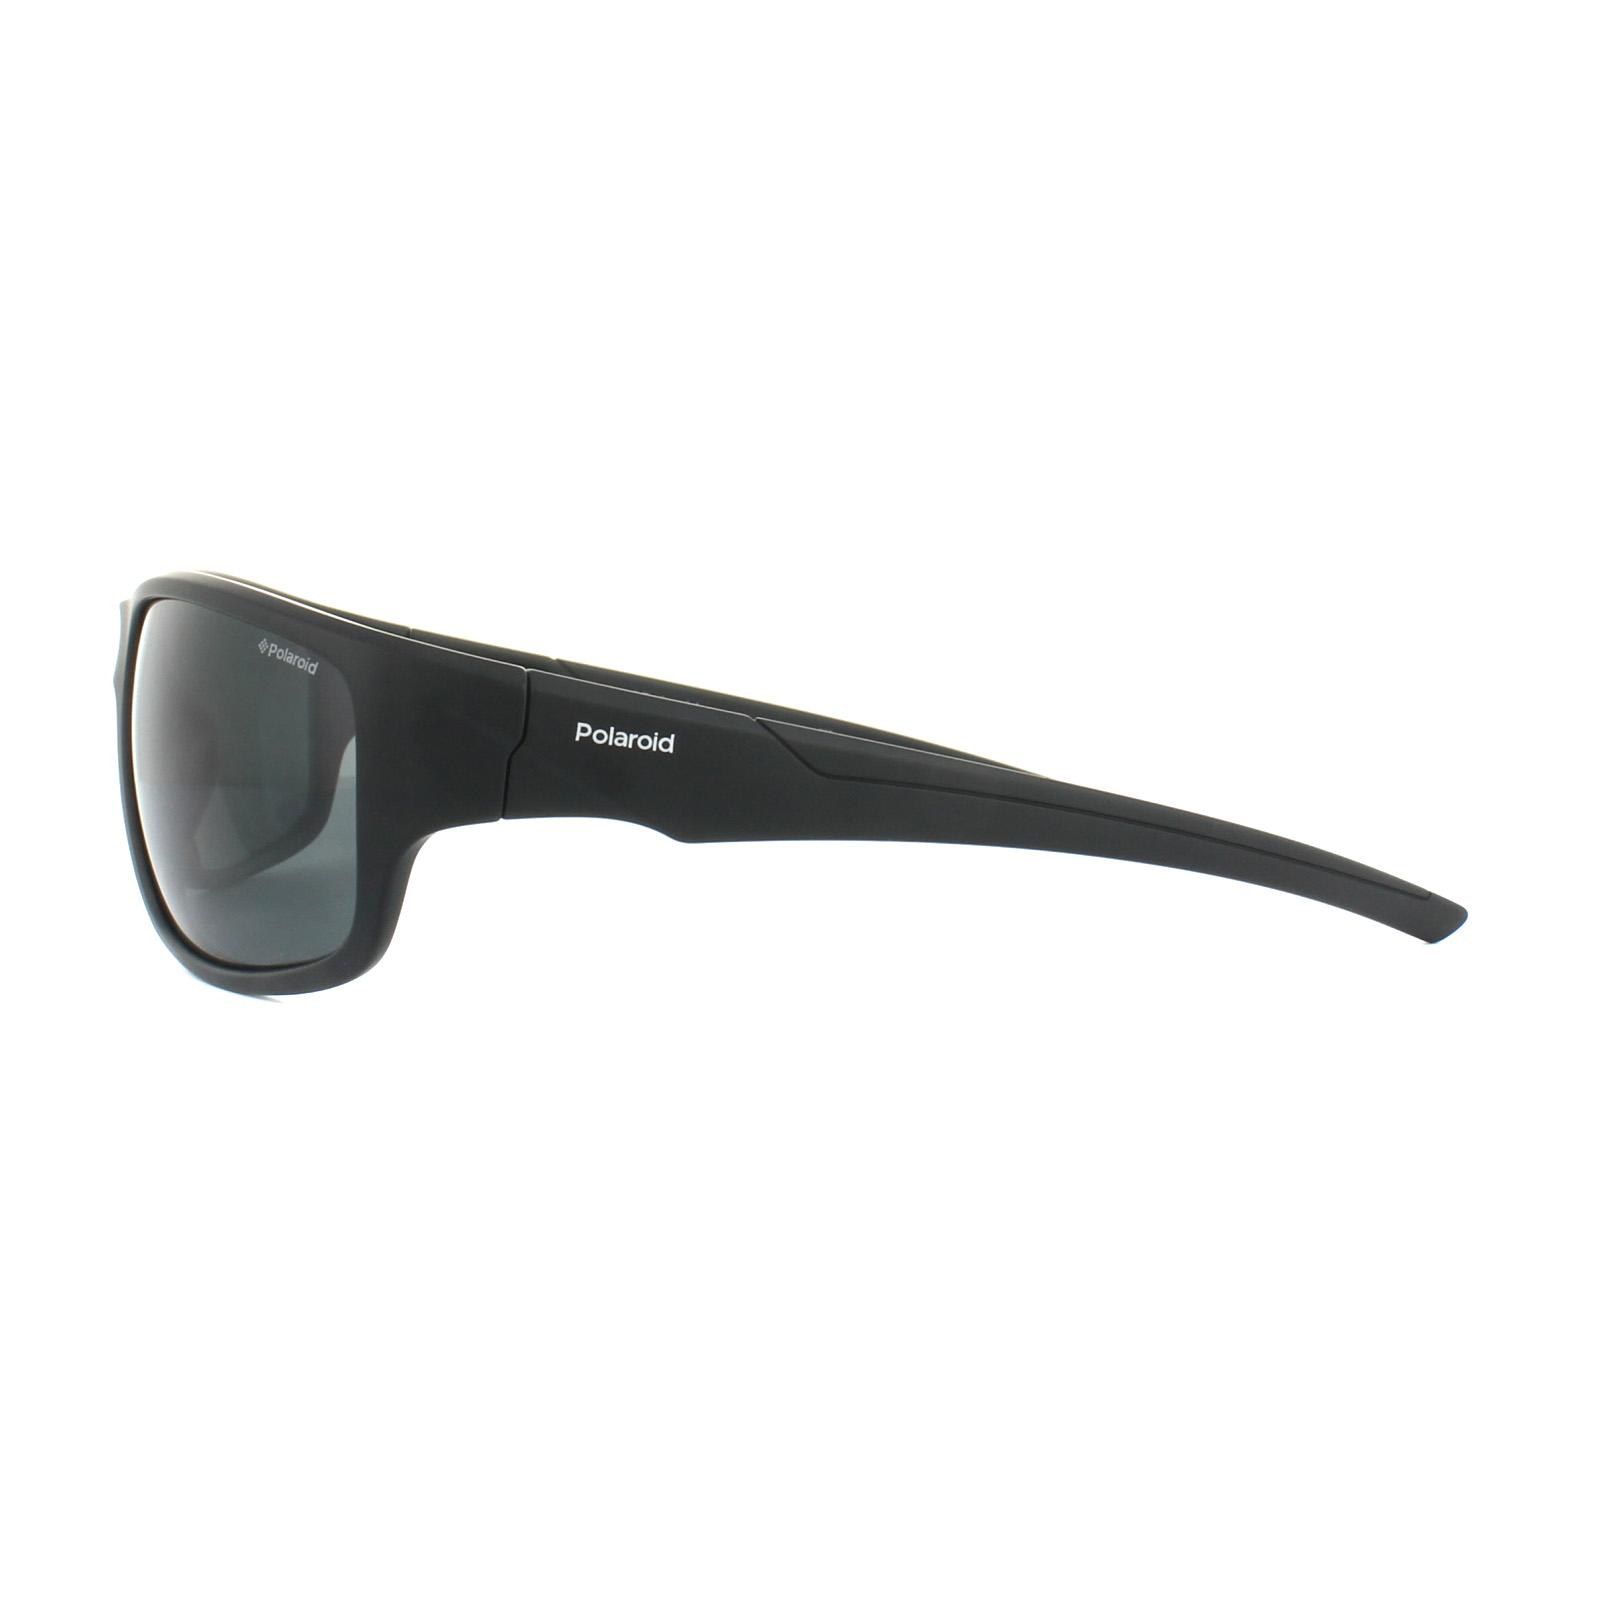 Polaroid Herren Sonnenbrille » PLD 7010/S«, schwarz, 807/M9 - schwarz/grau